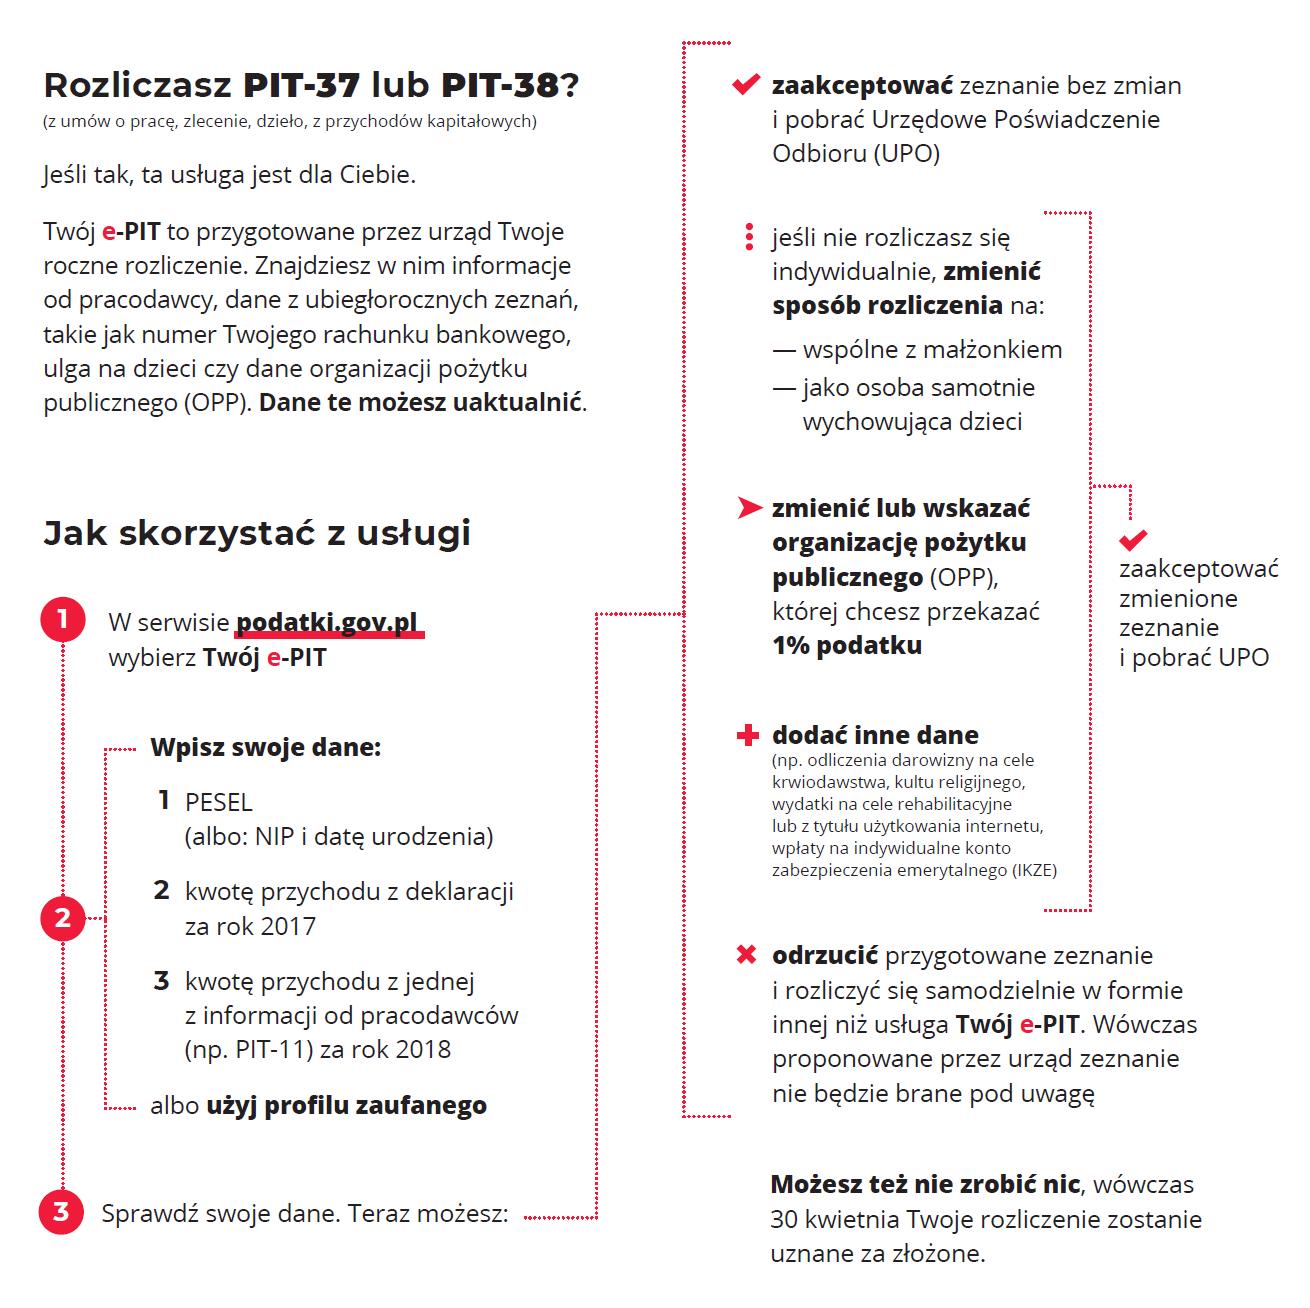 Rozliczasz PIT-37 lub PIT-38? (z umów o pracę, zlecenie, dzieło, z przychodów kapitałowych)Jeśli tak, ta usługa jest dla Ciebie.Twój e-PIT to przygotowane przez urząd Twoje roczne rozliczenie. Znajdziesz w nim informacje od pracodawcy, dane z ubiegłorocznych zeznań, takie jak numer Twojego rachunku bankowego, ulga na dzieci czy dane organizacji pożytku publicznego (OPP). Dane te możesz uaktualnić.